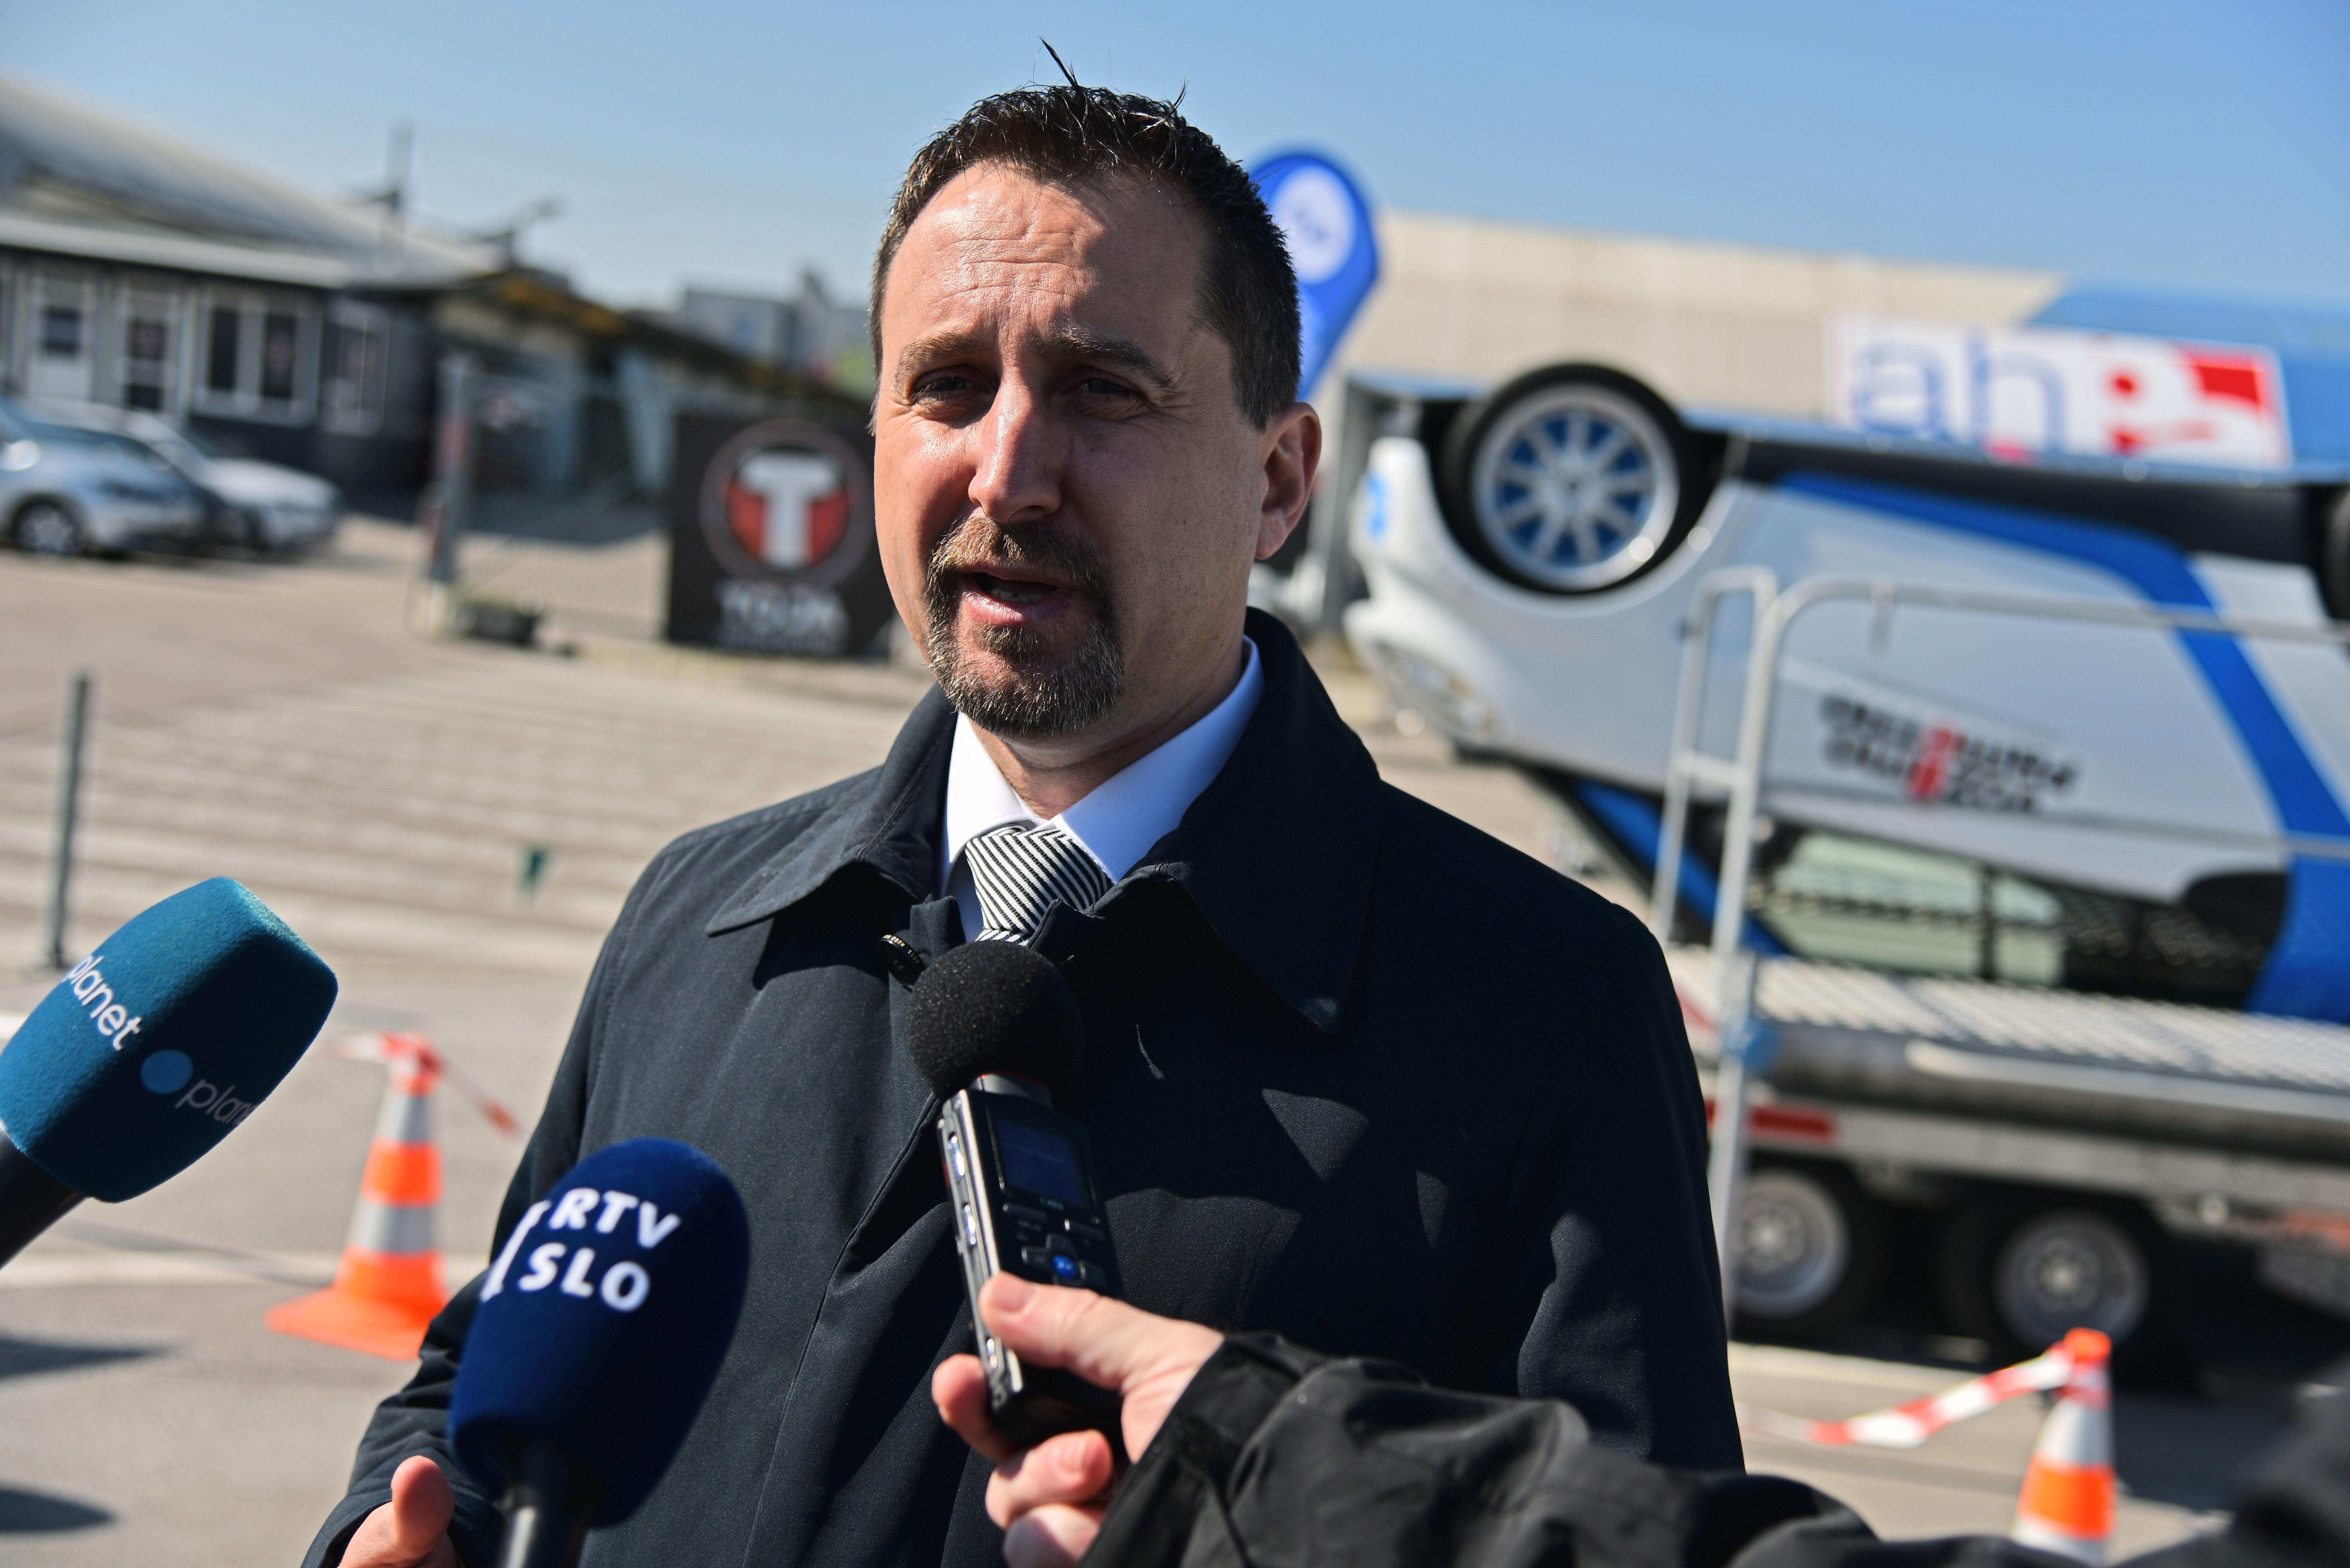 gor Velov, kranjski politični sopotnik Alenke Bratušek, je osumljen, da je v funkciji direktorja Agencije za varnost prometa izsiljeval denar za boksarski klub Bulldog iz Kranja. (Foto: STA)